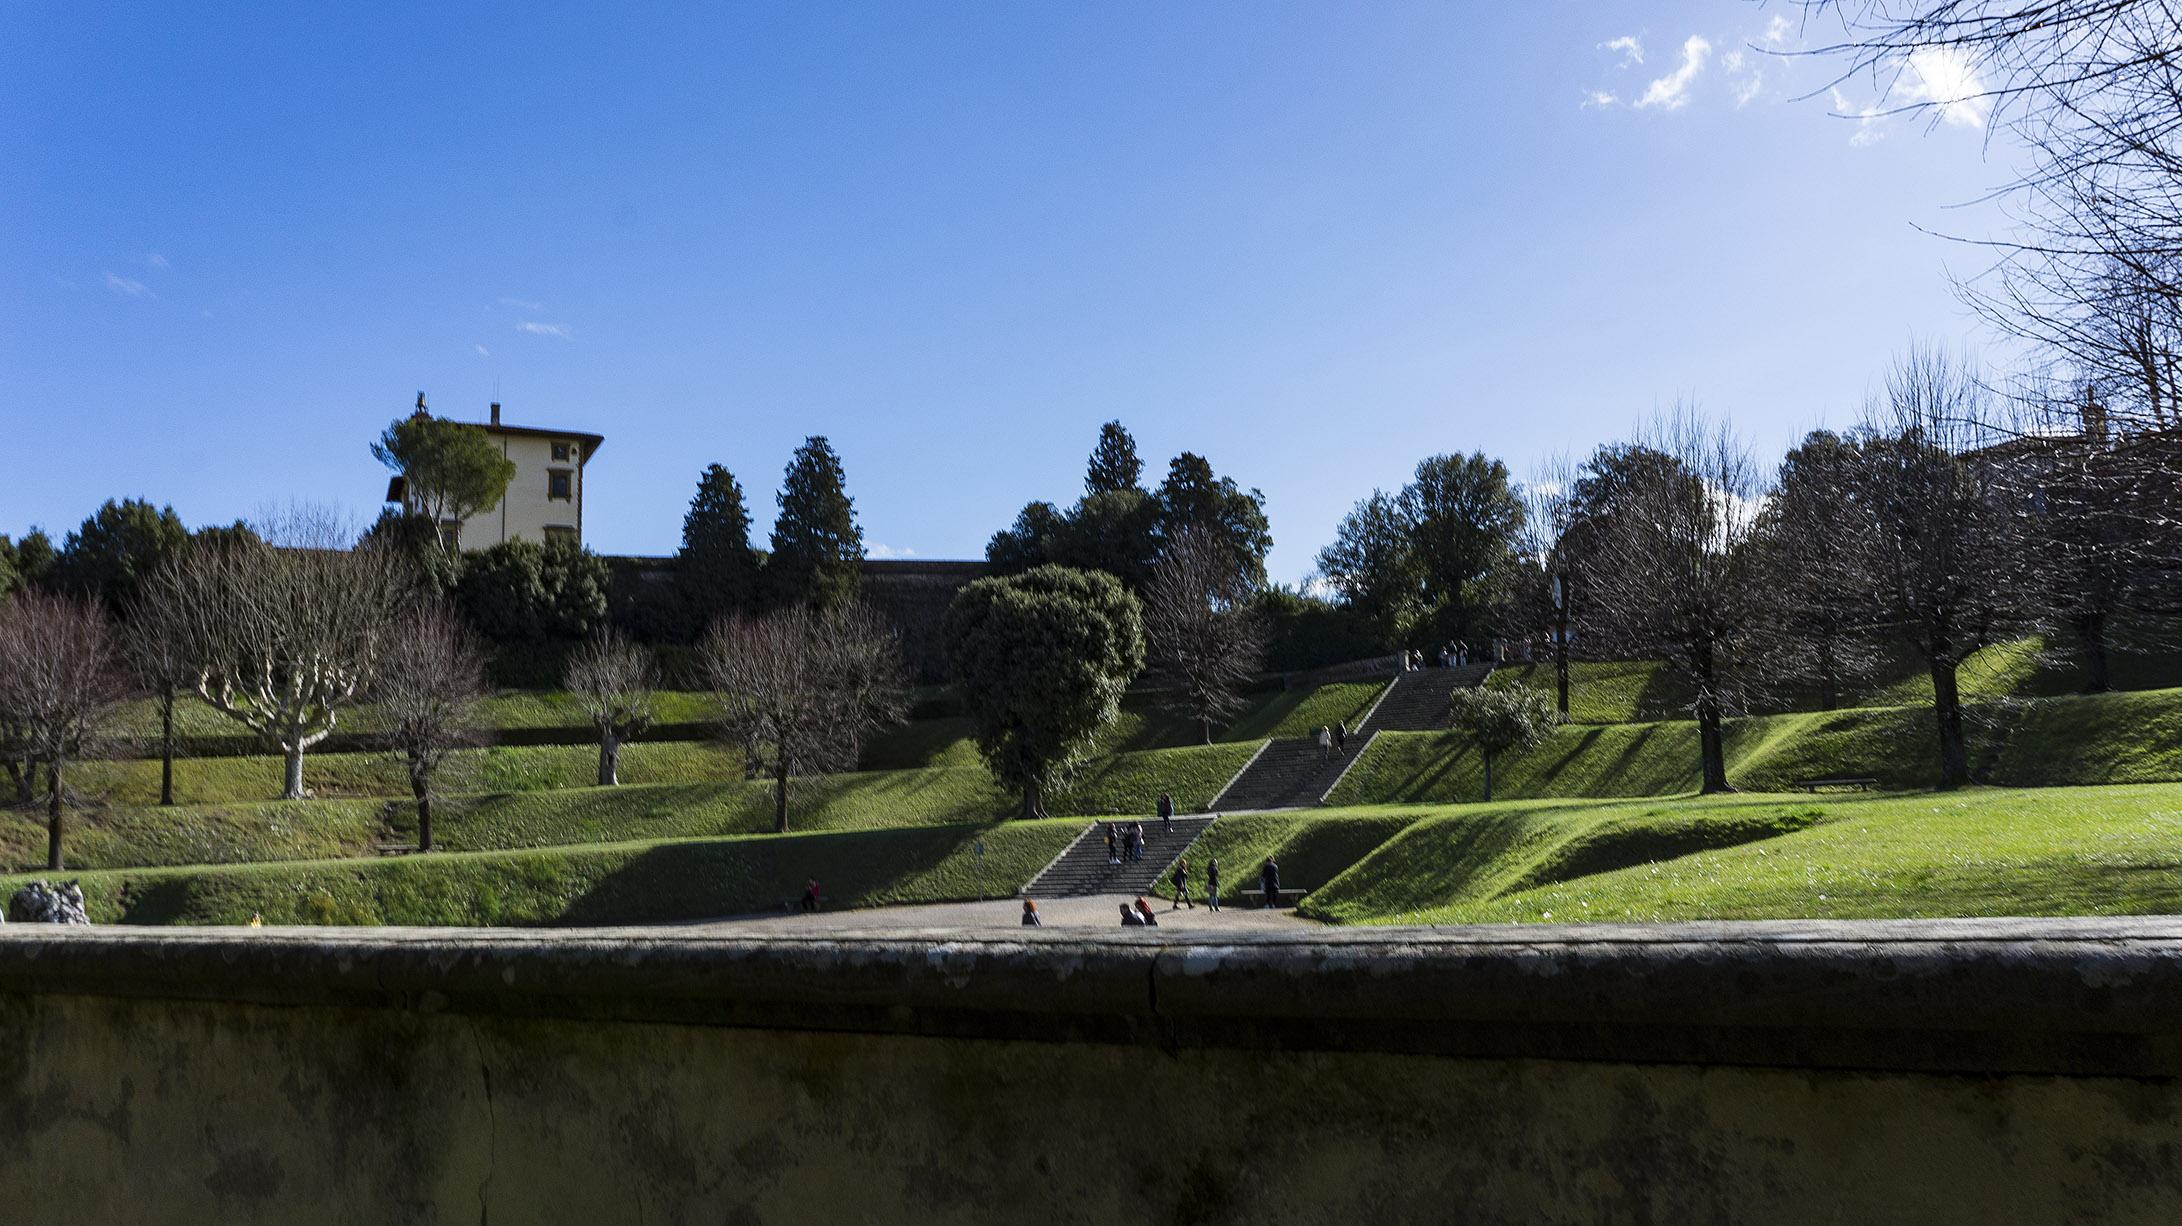 Достопримечательности Флоренции: сады Боболи